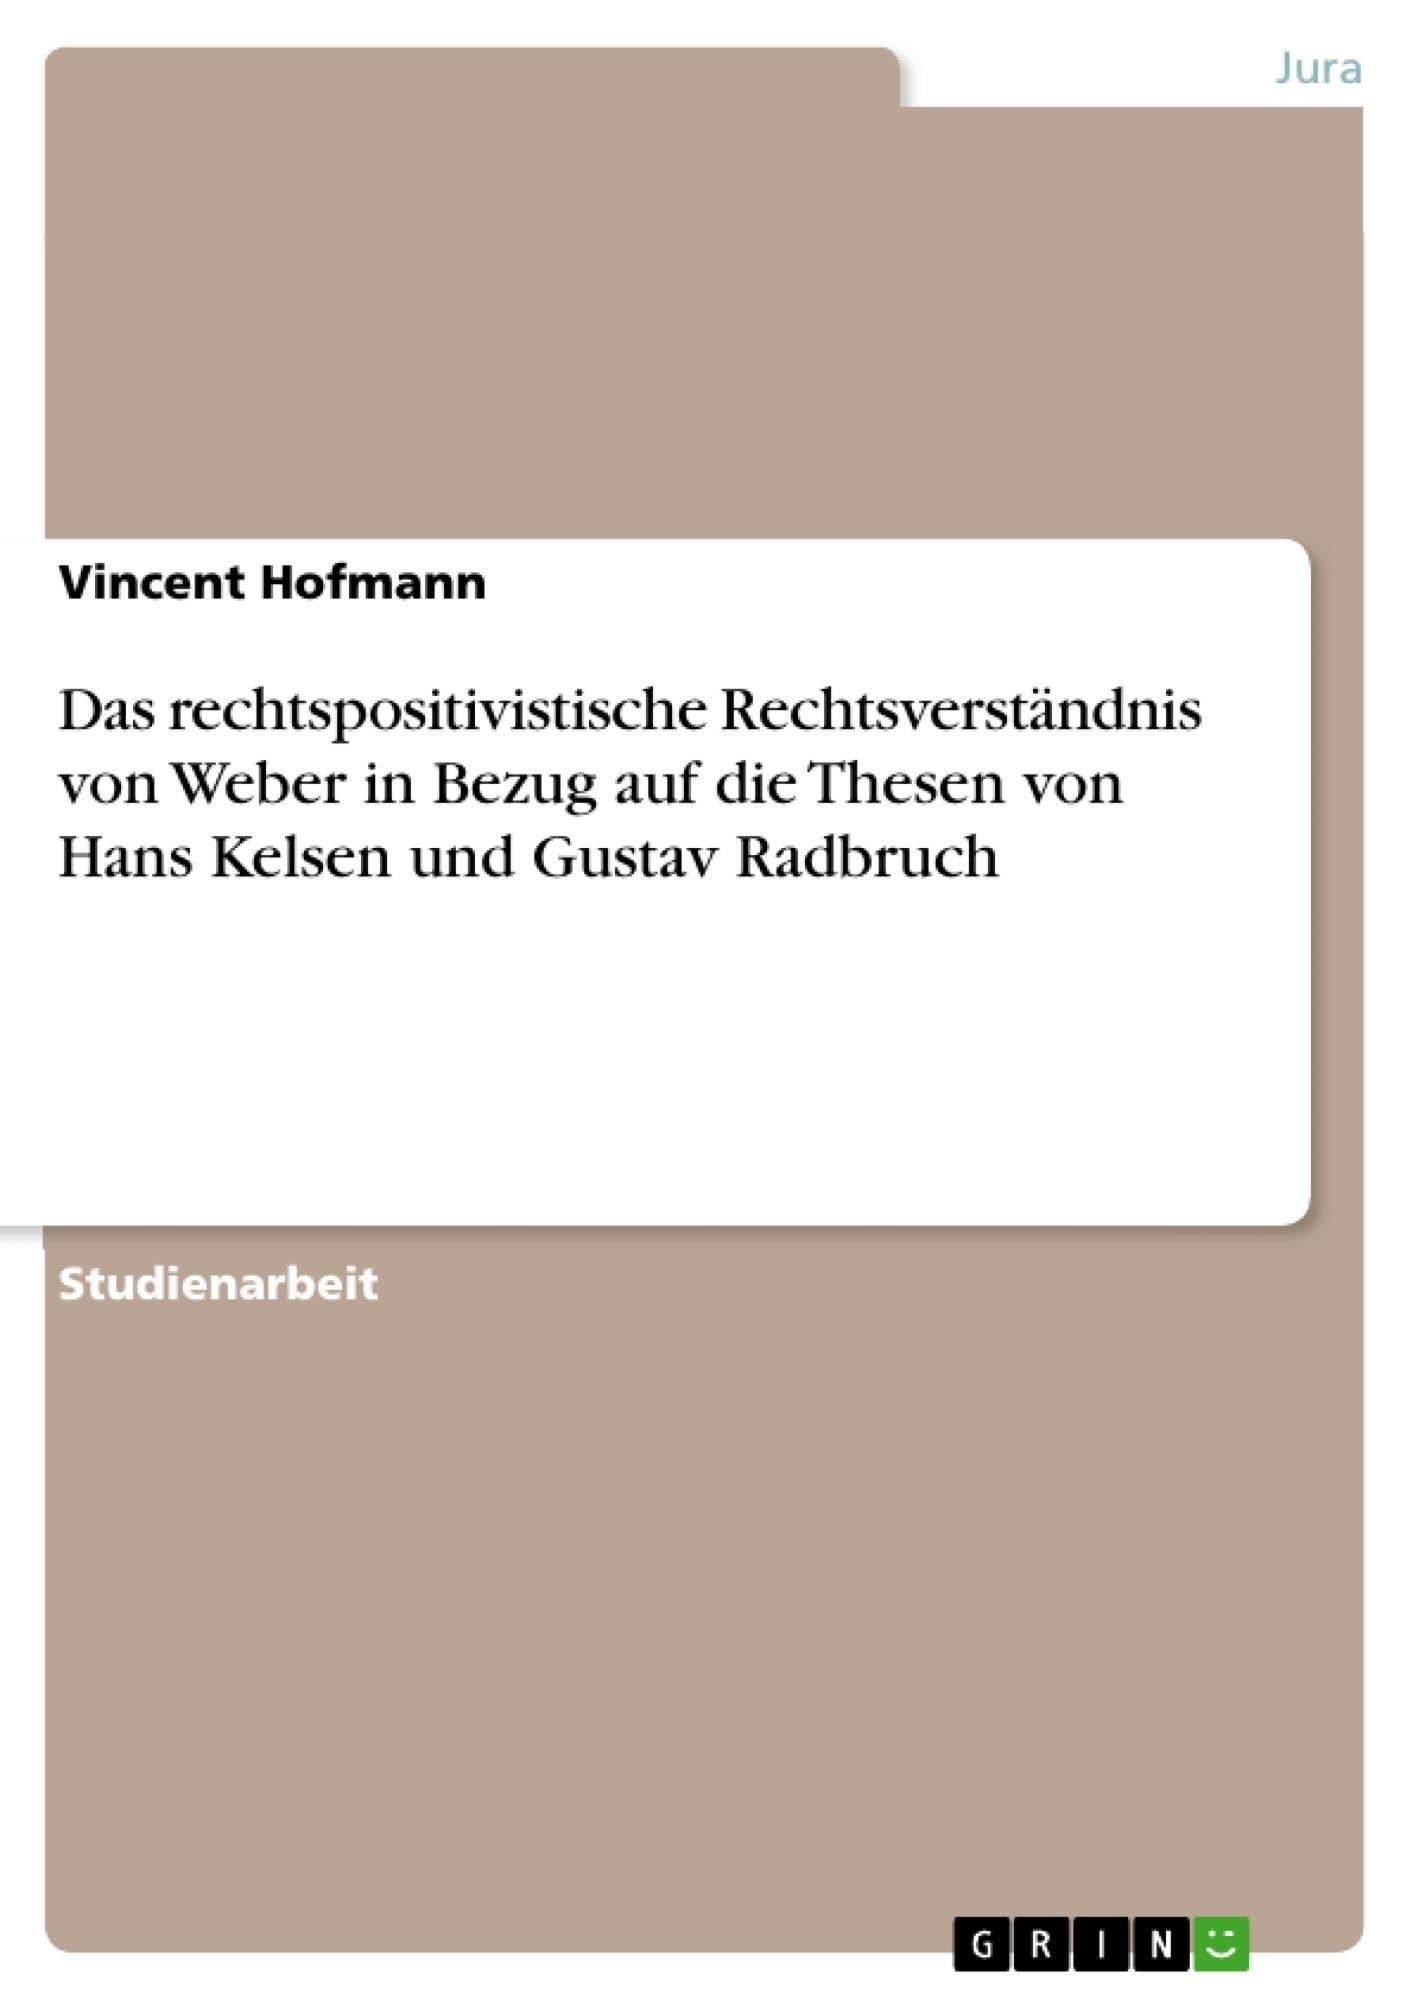 Titel: Das rechtspositivistische Rechtsverständnis von Weber in Bezug auf die Thesen von Hans Kelsen und Gustav Radbruch